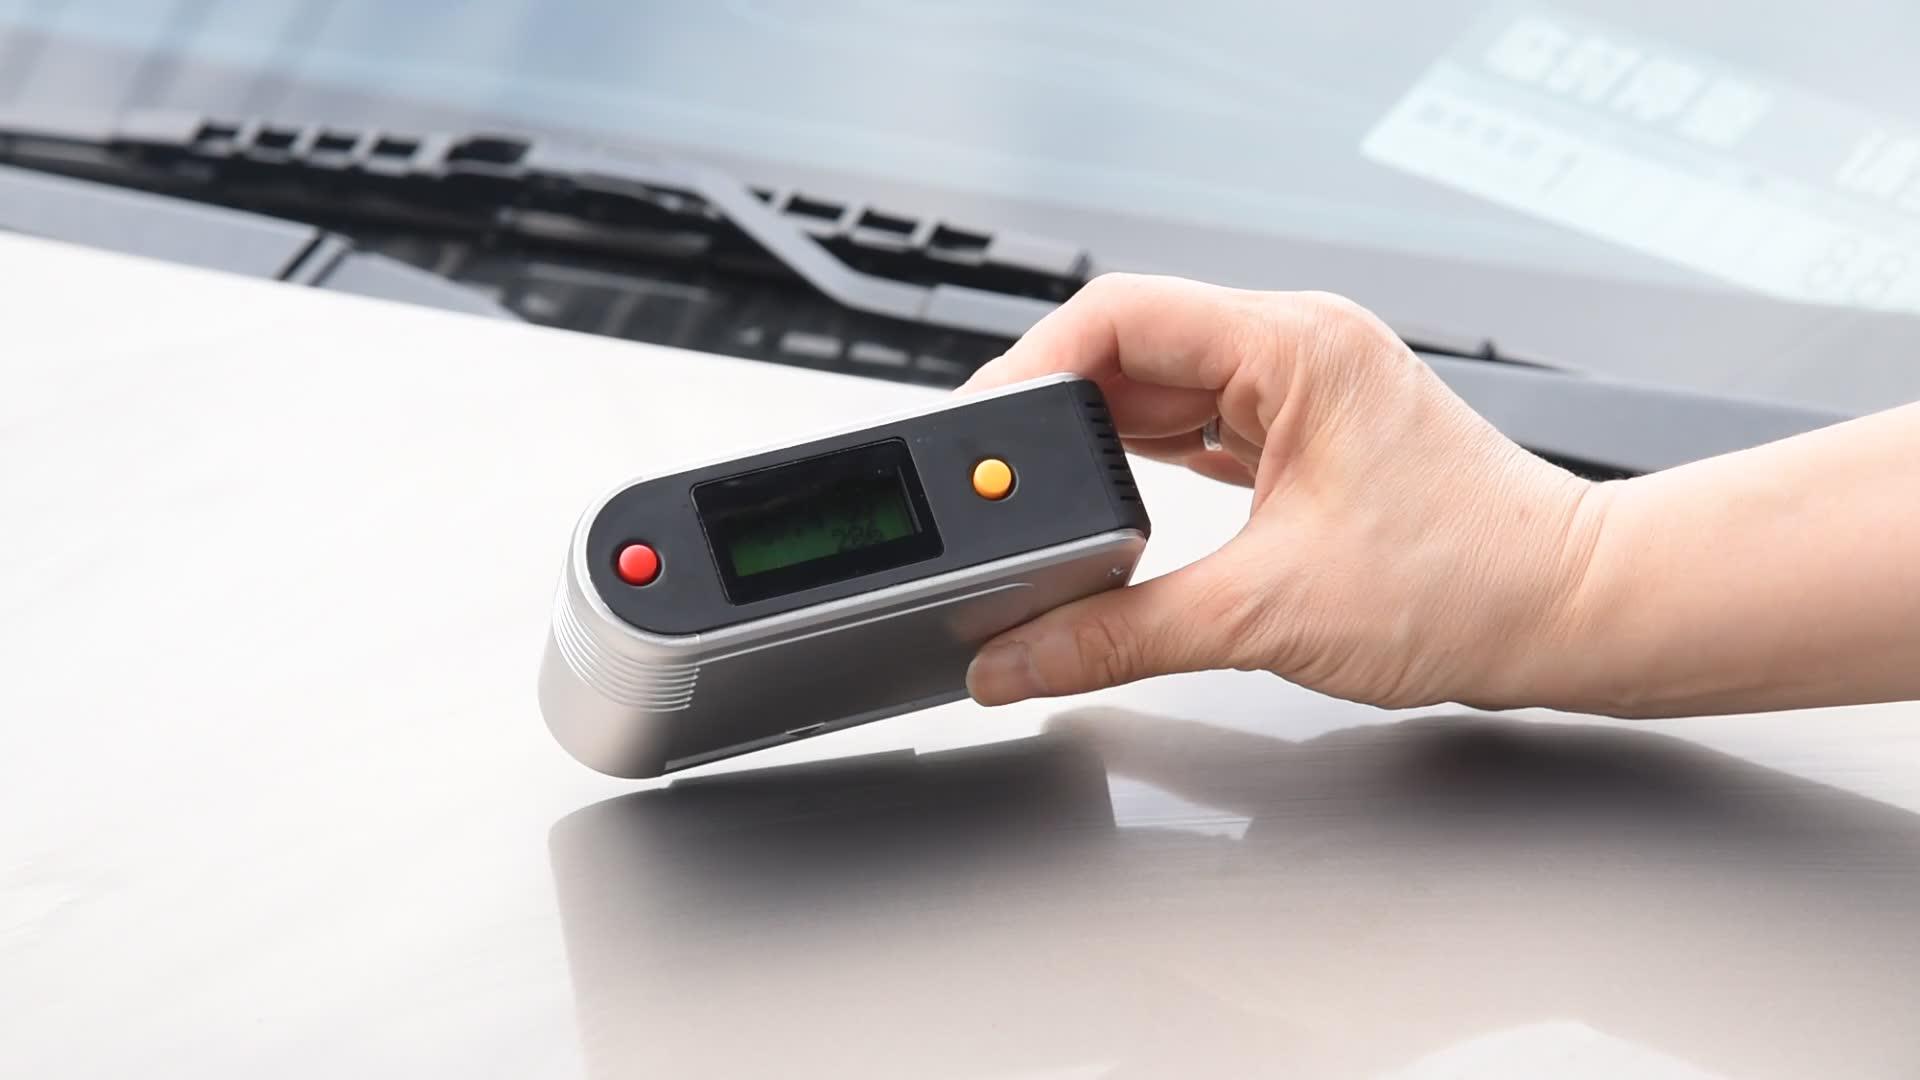 Yüksek kalite usb Bağlantısı Ve Veri Depolama Hassas Dijital Akıllı araba boyası parlaklık ölçer Fiyat